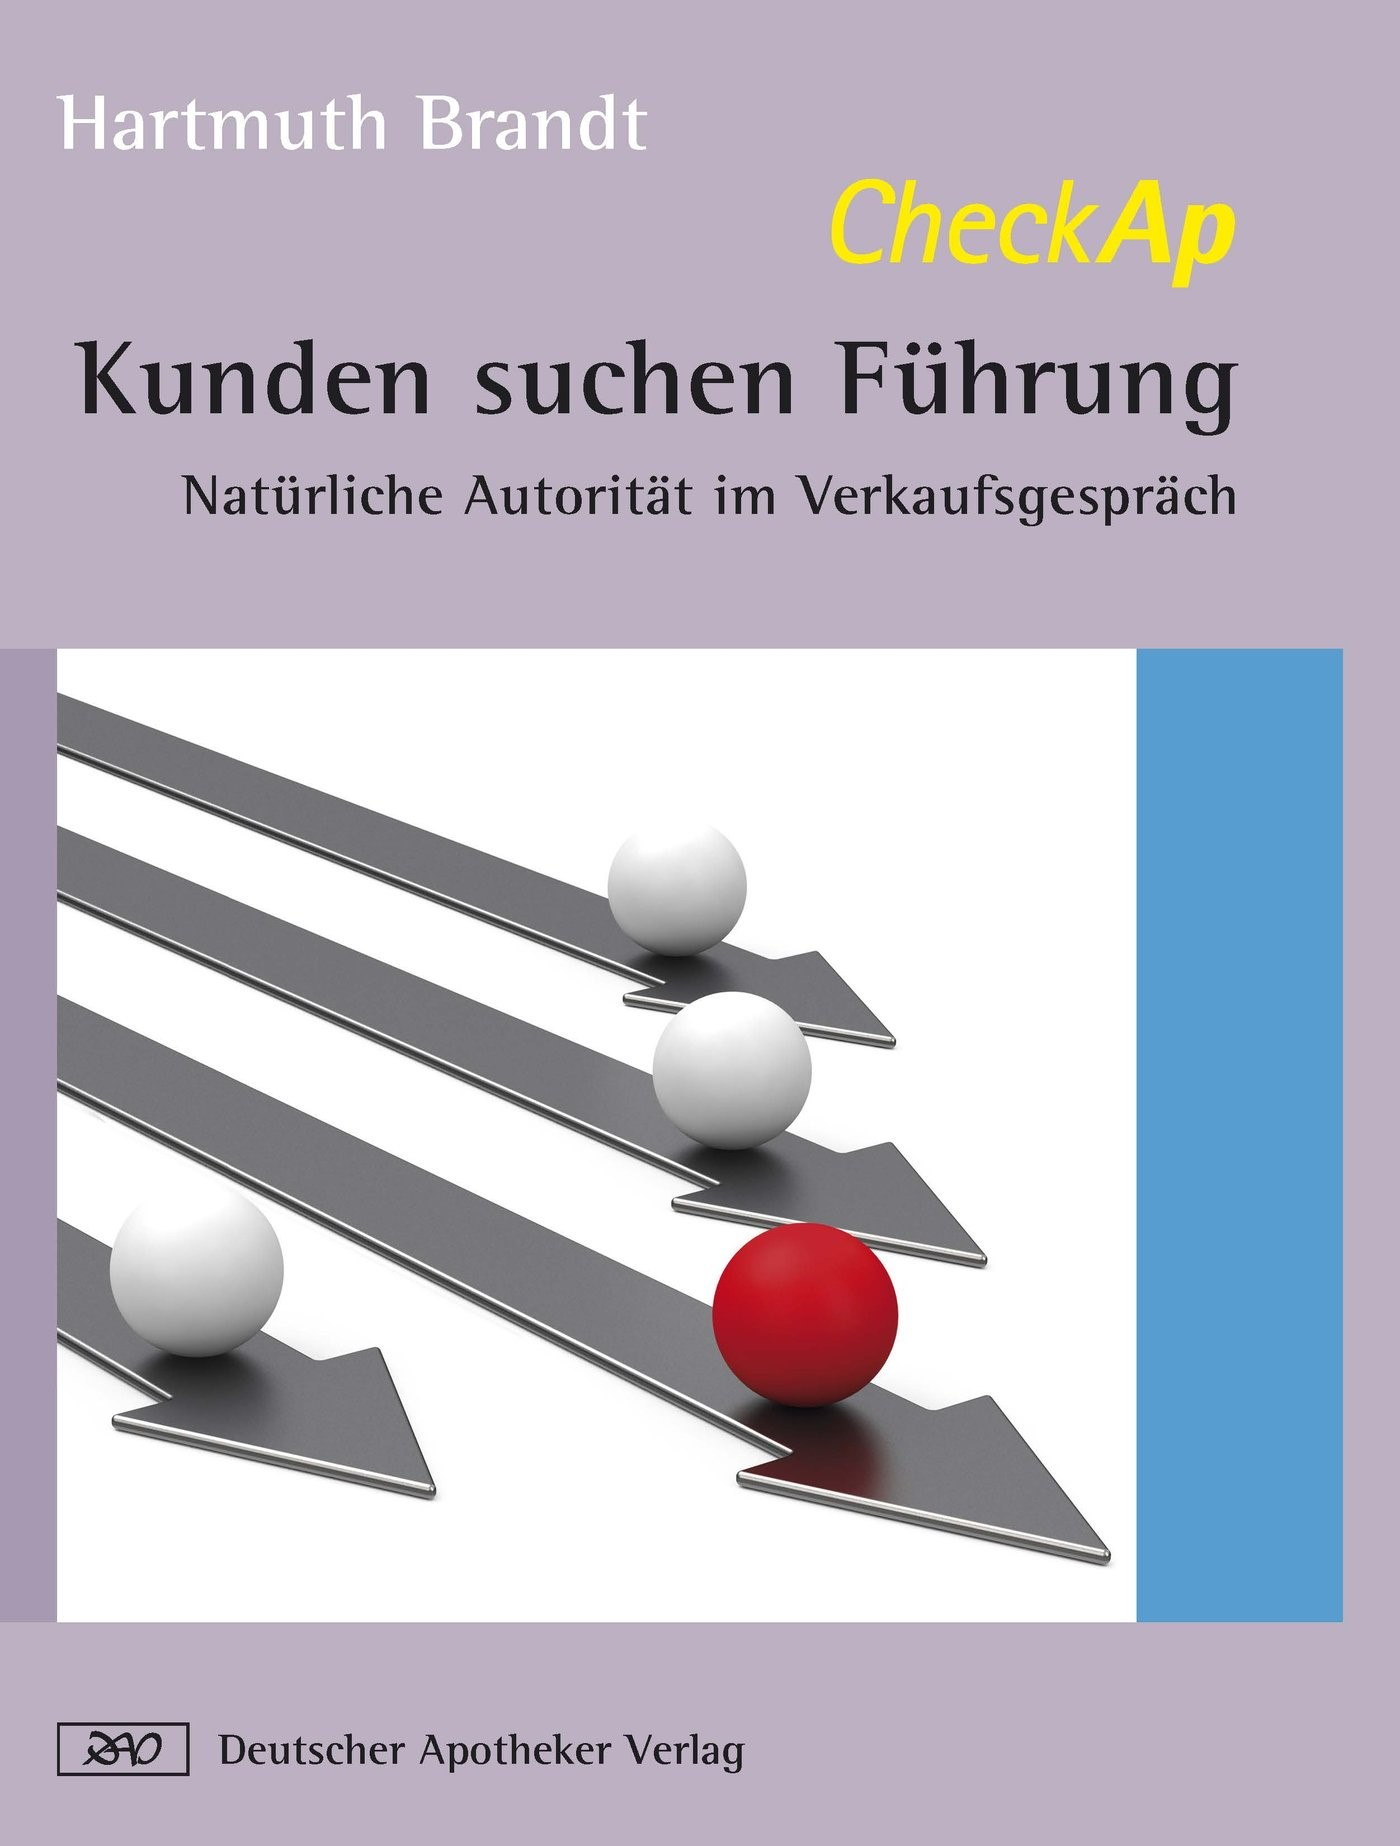 CheckAp Kunden suchen Führung | Brandt, 2012 | Buch (Cover)